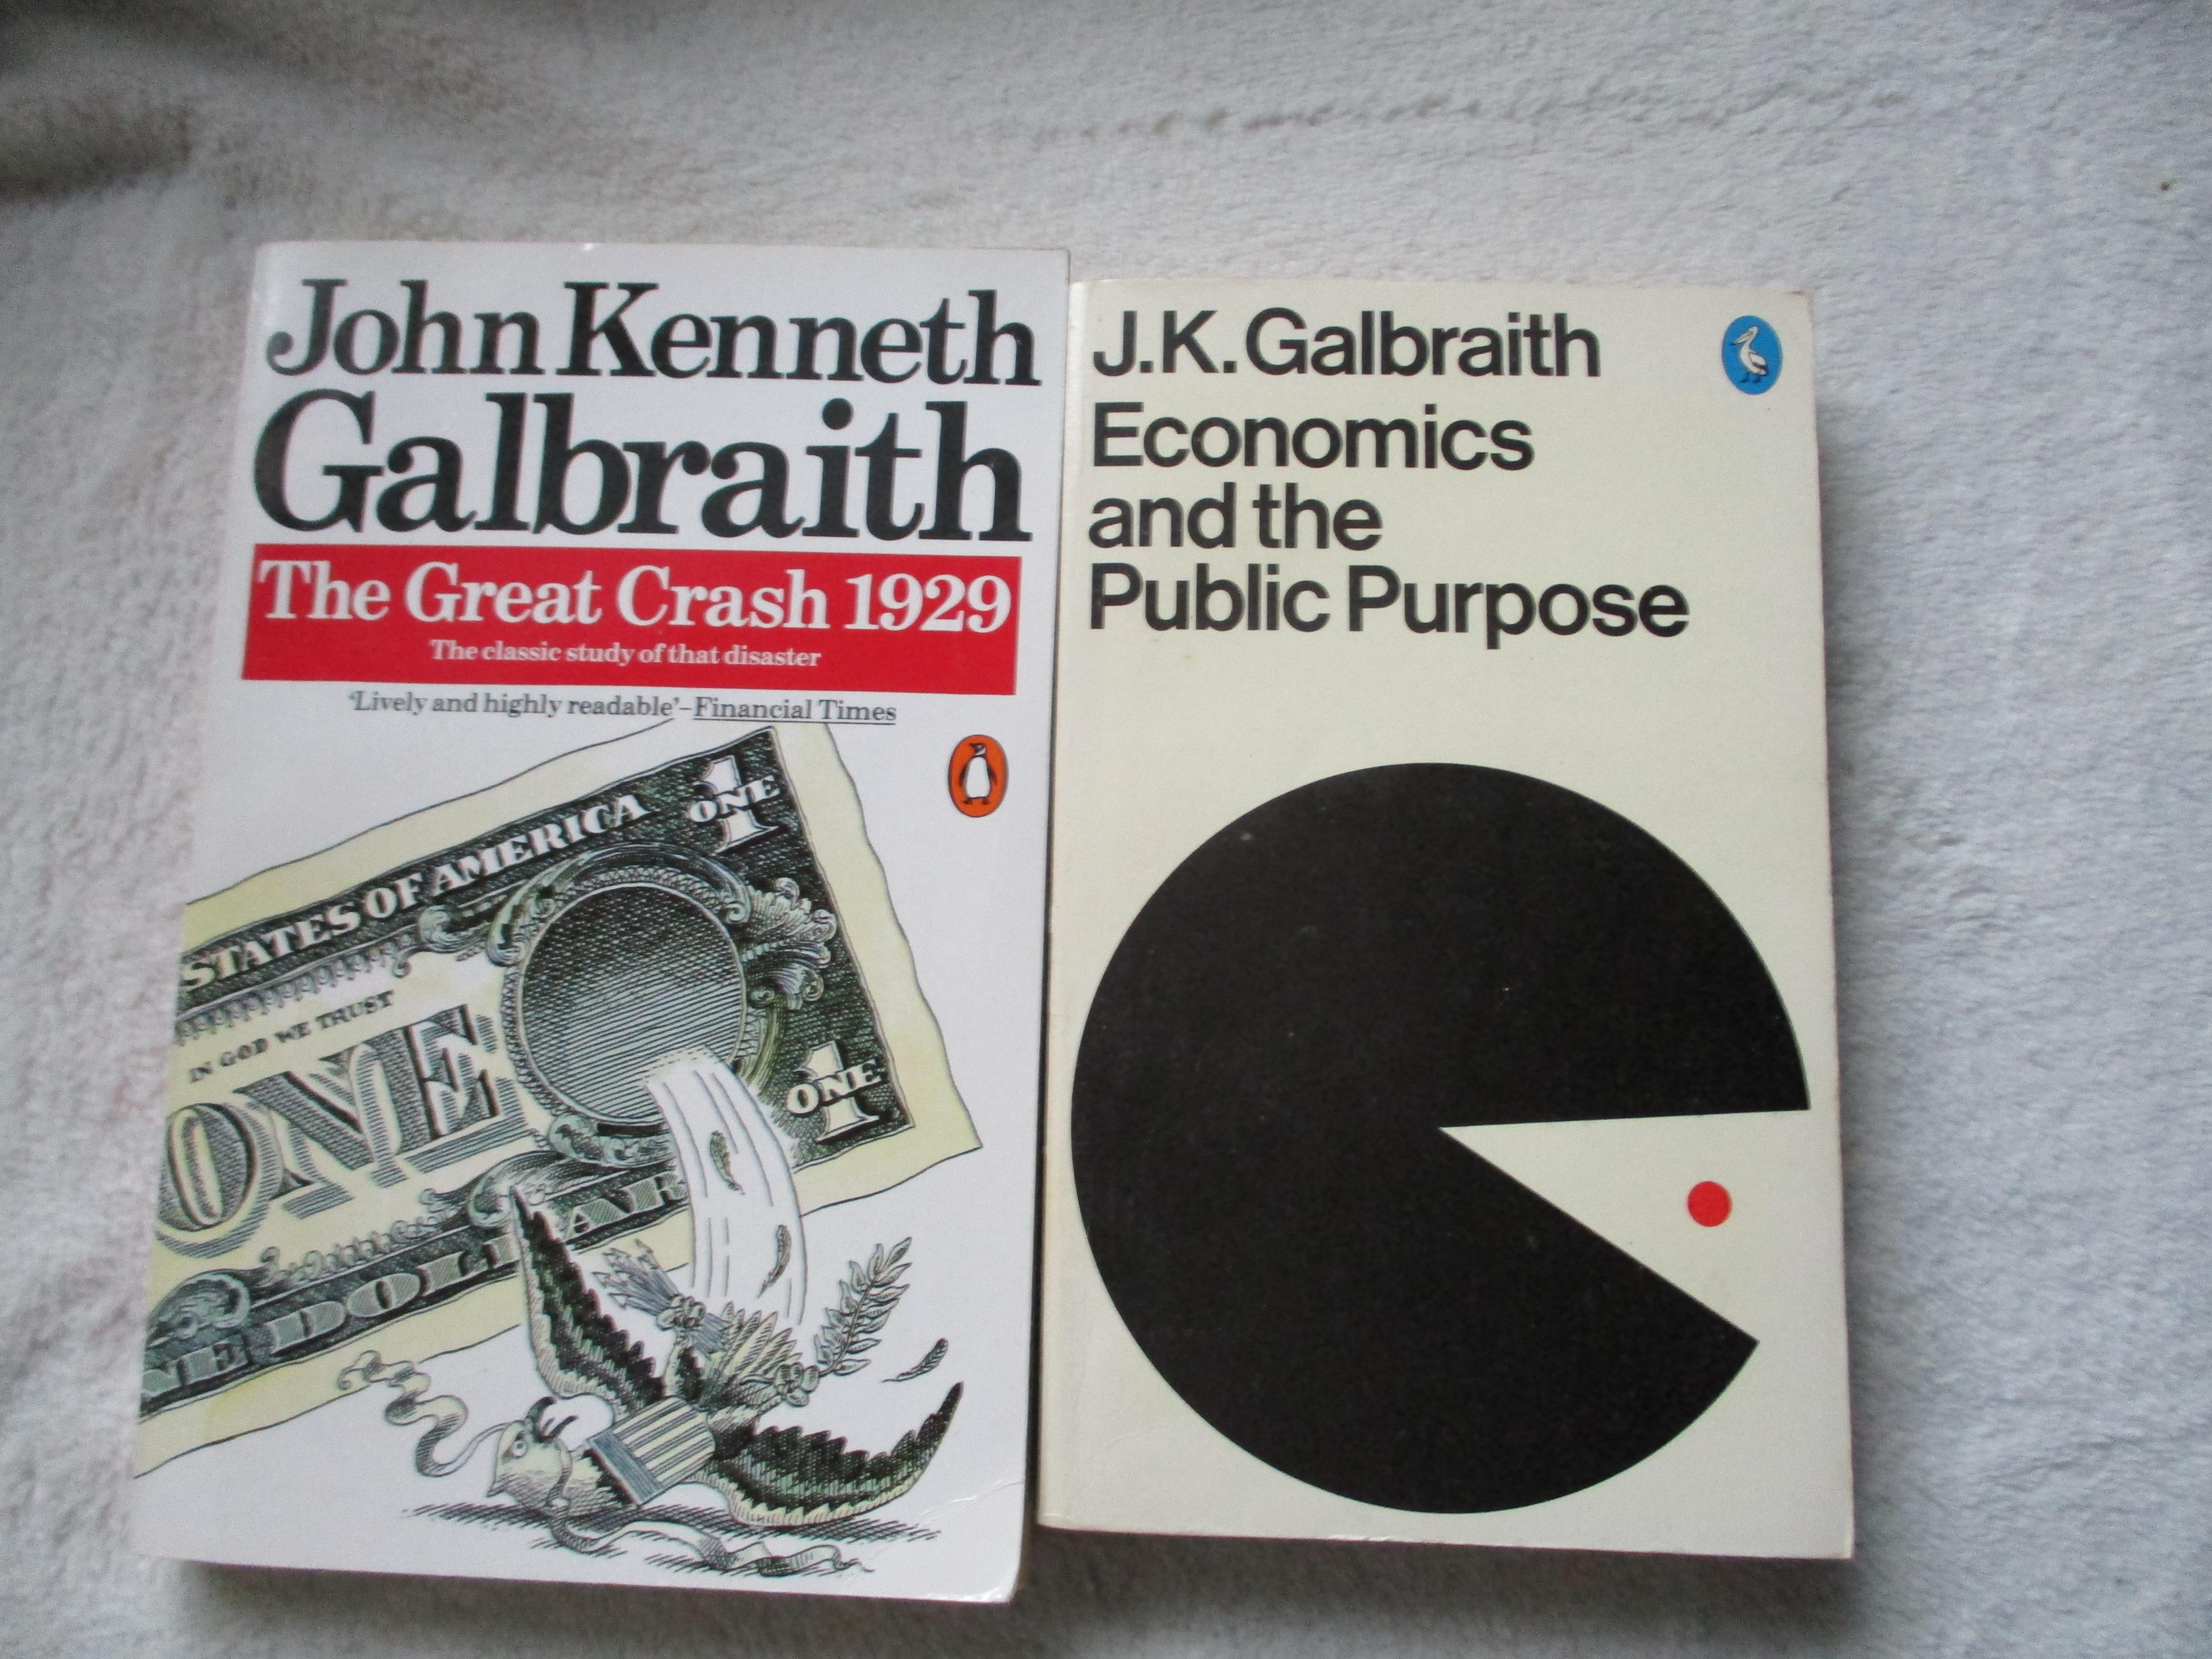 troc de troc 2 livres en anglais de galbraith l'économiste image 0